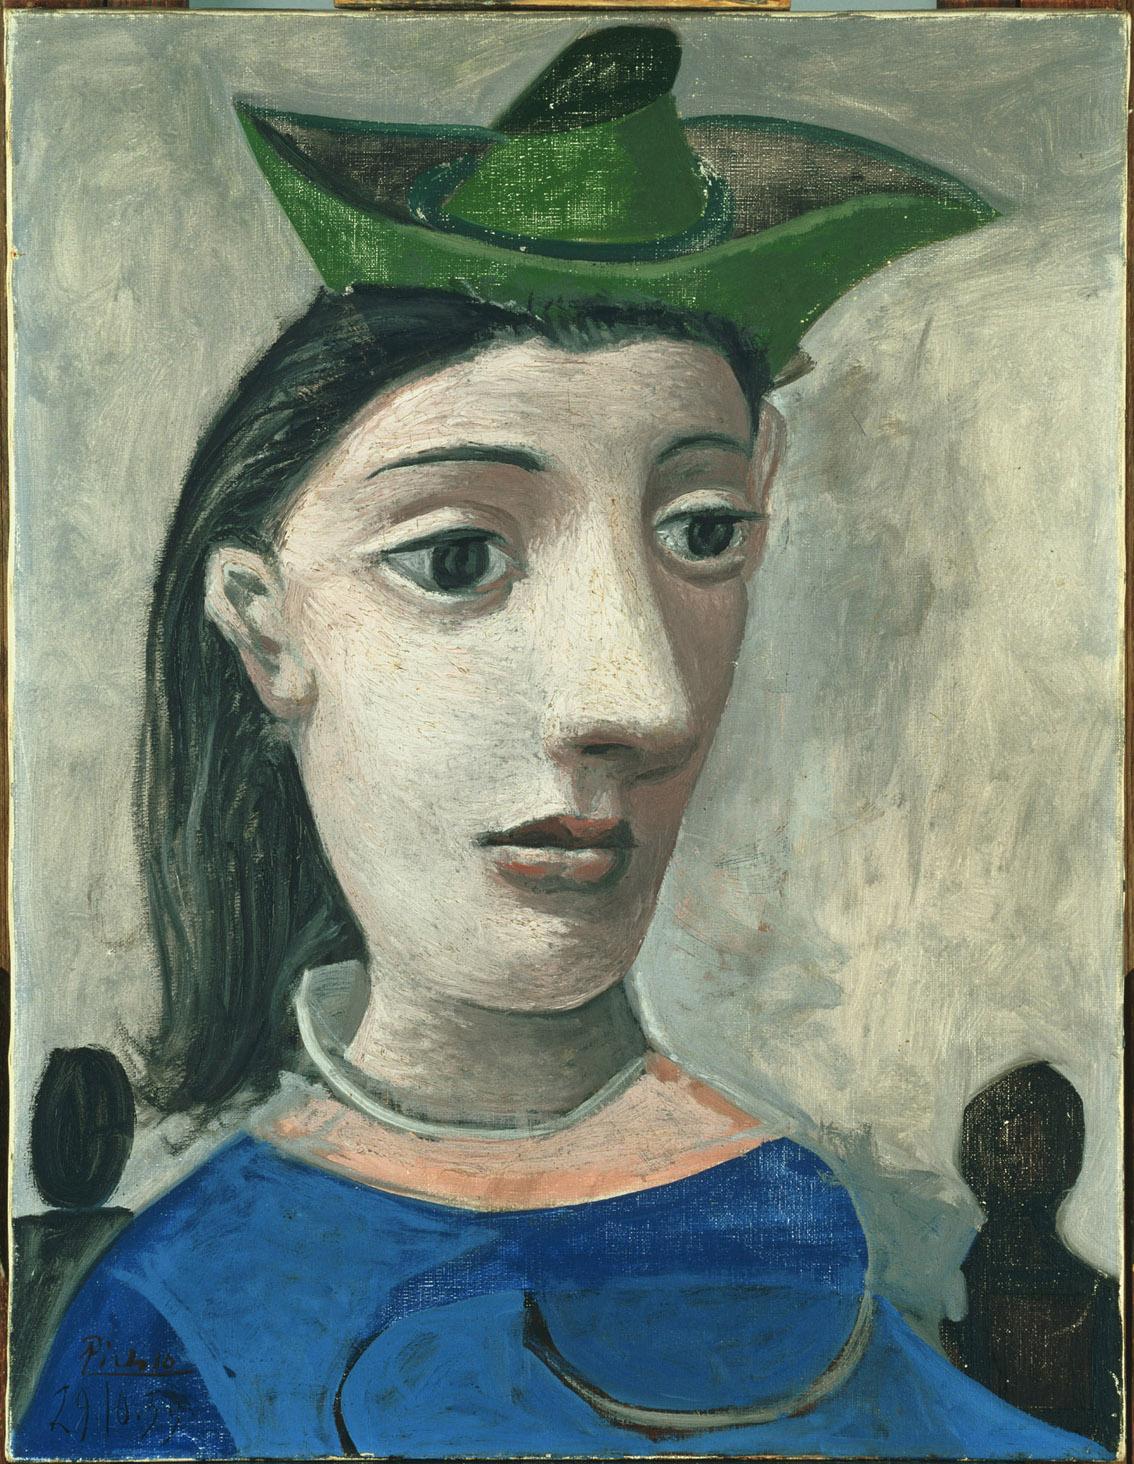 Mujer con sombrero verde, por Pablo Picasso, 1939, óleo sobre lienzo, 65 x 50,2 cm, The Phillips Collection, Washington, D.C., donado por Carey Walker Foundation, 1994.